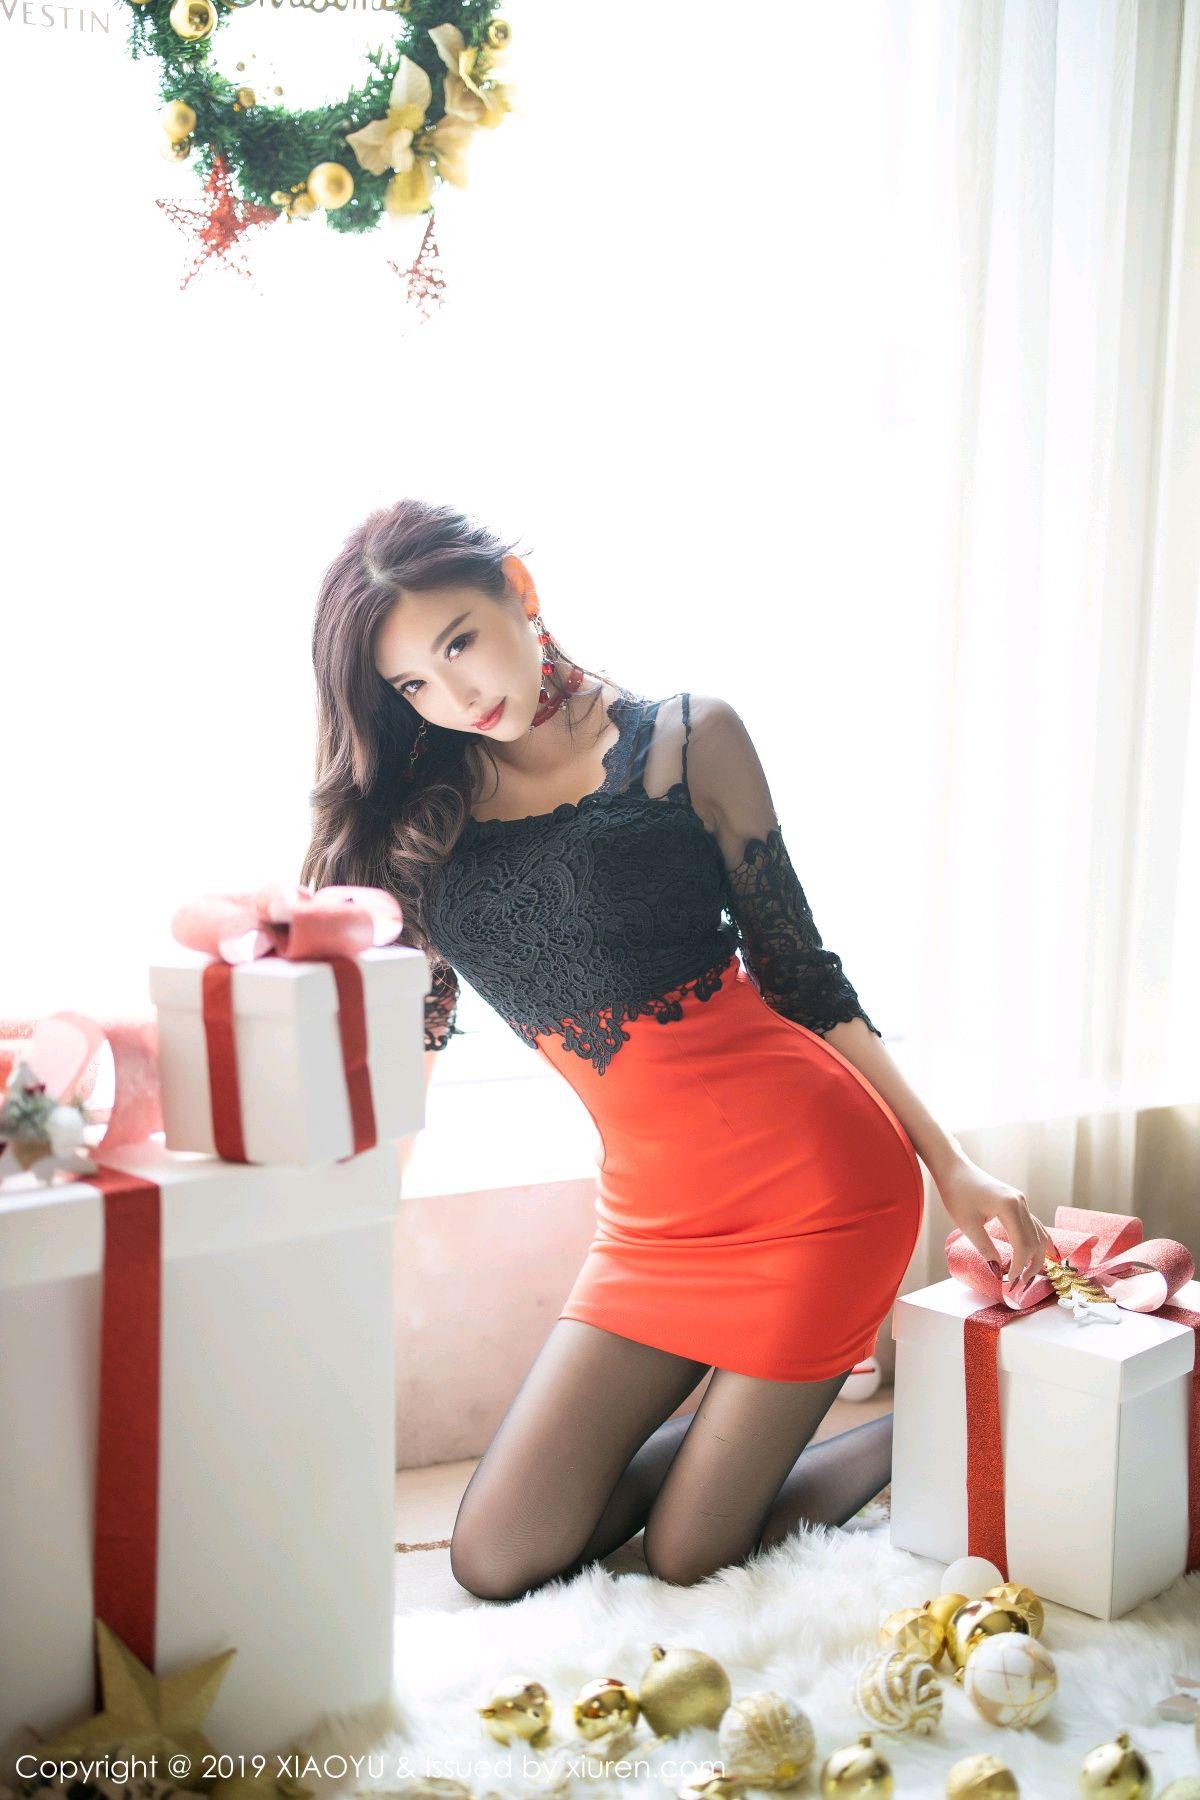 [XiaoYu] Vol.225 Yang Chen Chen 34P, Christmas, Underwear, XiaoYu, Yang Chen Chen